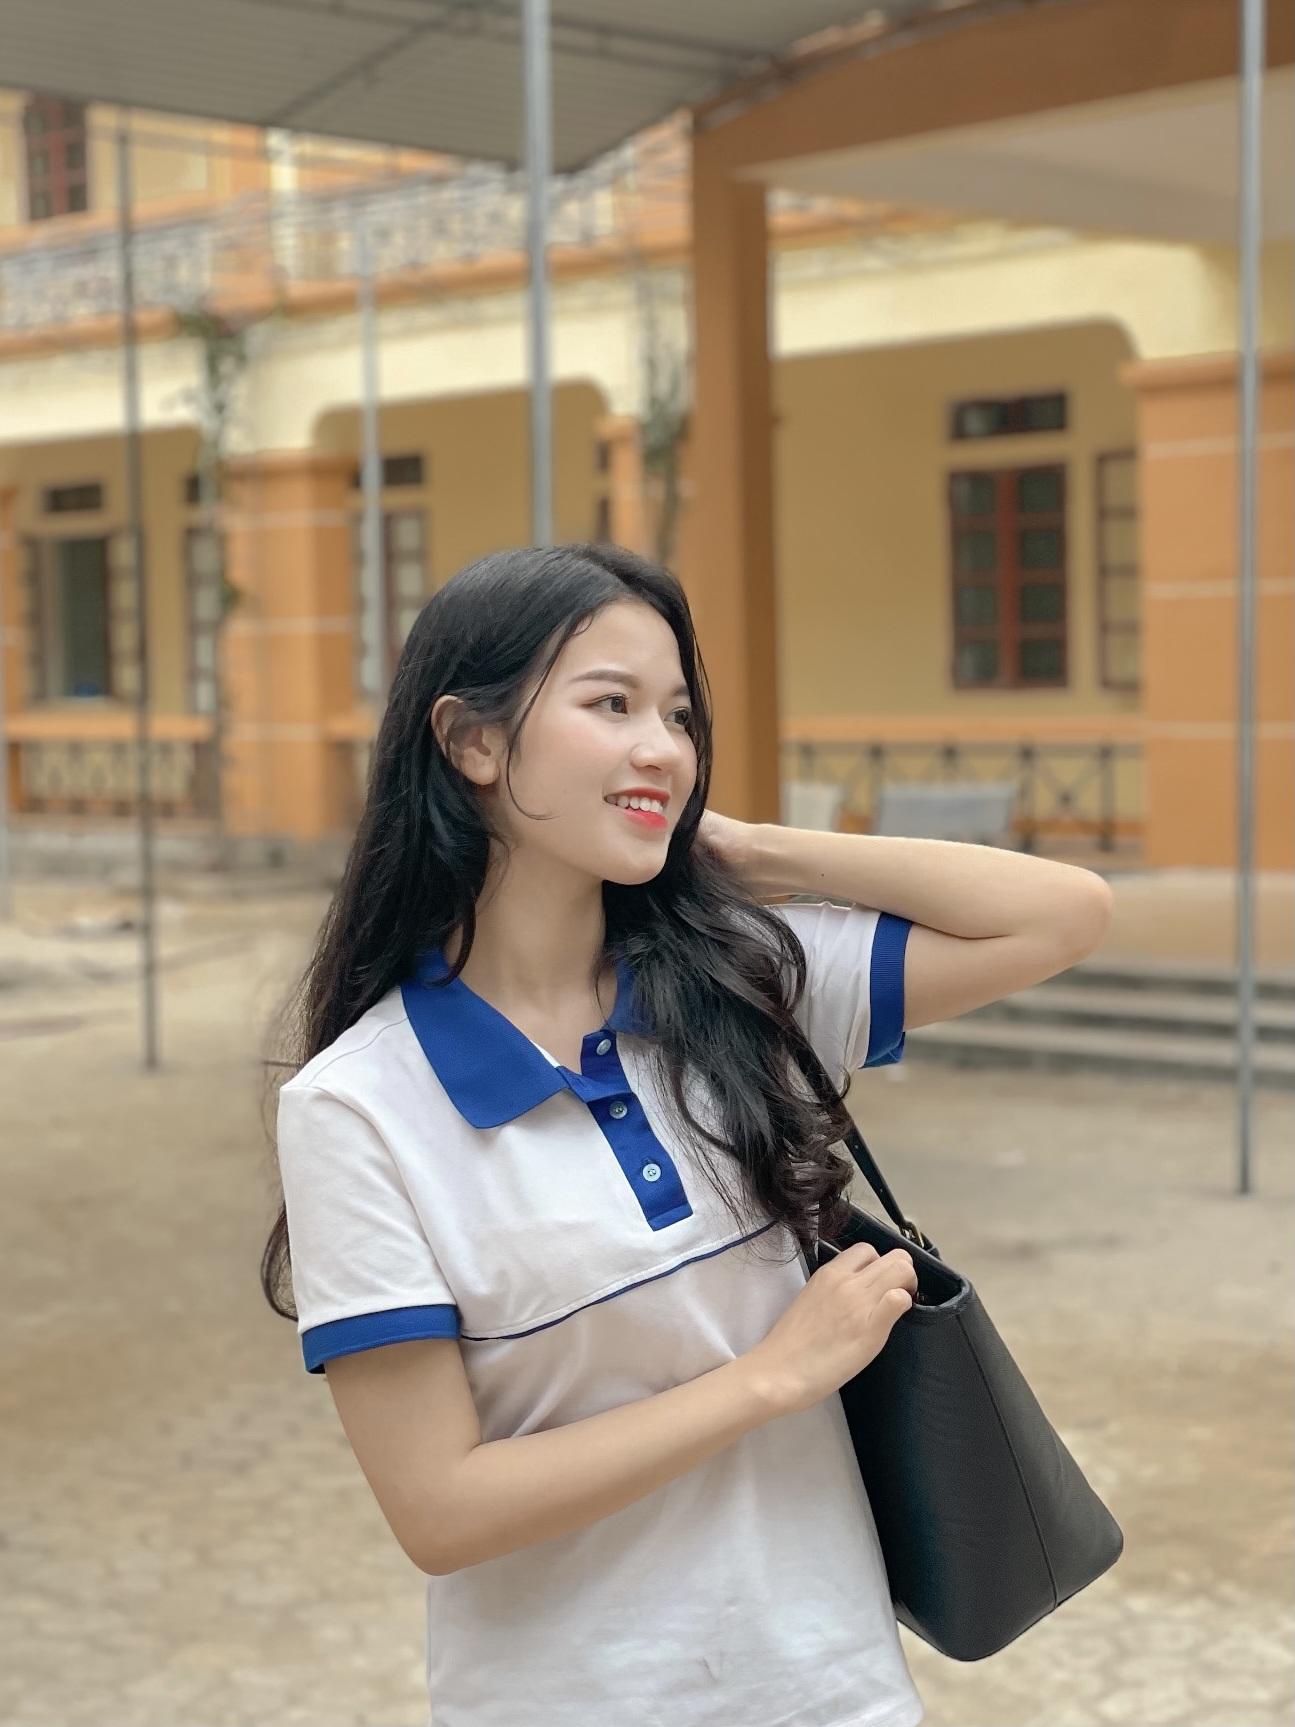 Cô giáo tương lai xinh như hot girl: Chỉ đẹp thôi chưa đủ để thành công - 3